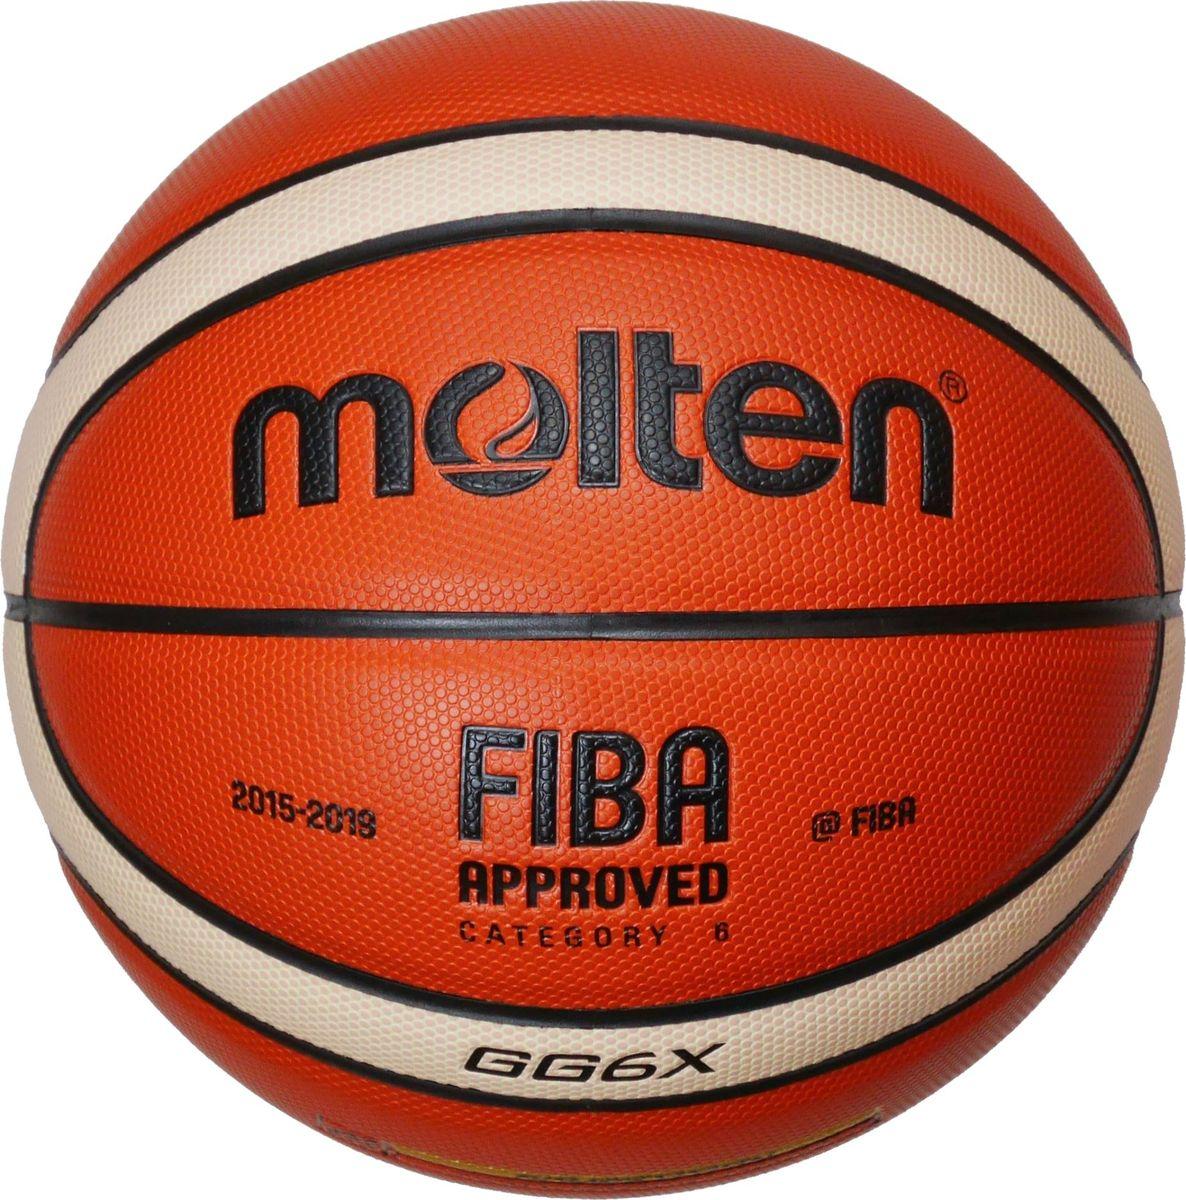 """Официальный мяч FIBA. Предназначен для игры в зале. Революционный материал поверхности: натуральная кожа премиум класса. Отличная стабильность: специальная конструкция и вспененная система, а также параллельные """"пупырышки"""" обеспечивают ощущение однородности и стабильность в игровых ситуациях.   Сертификат FIBA: одобрен FIBA для проведения соревнований высшего уровня."""